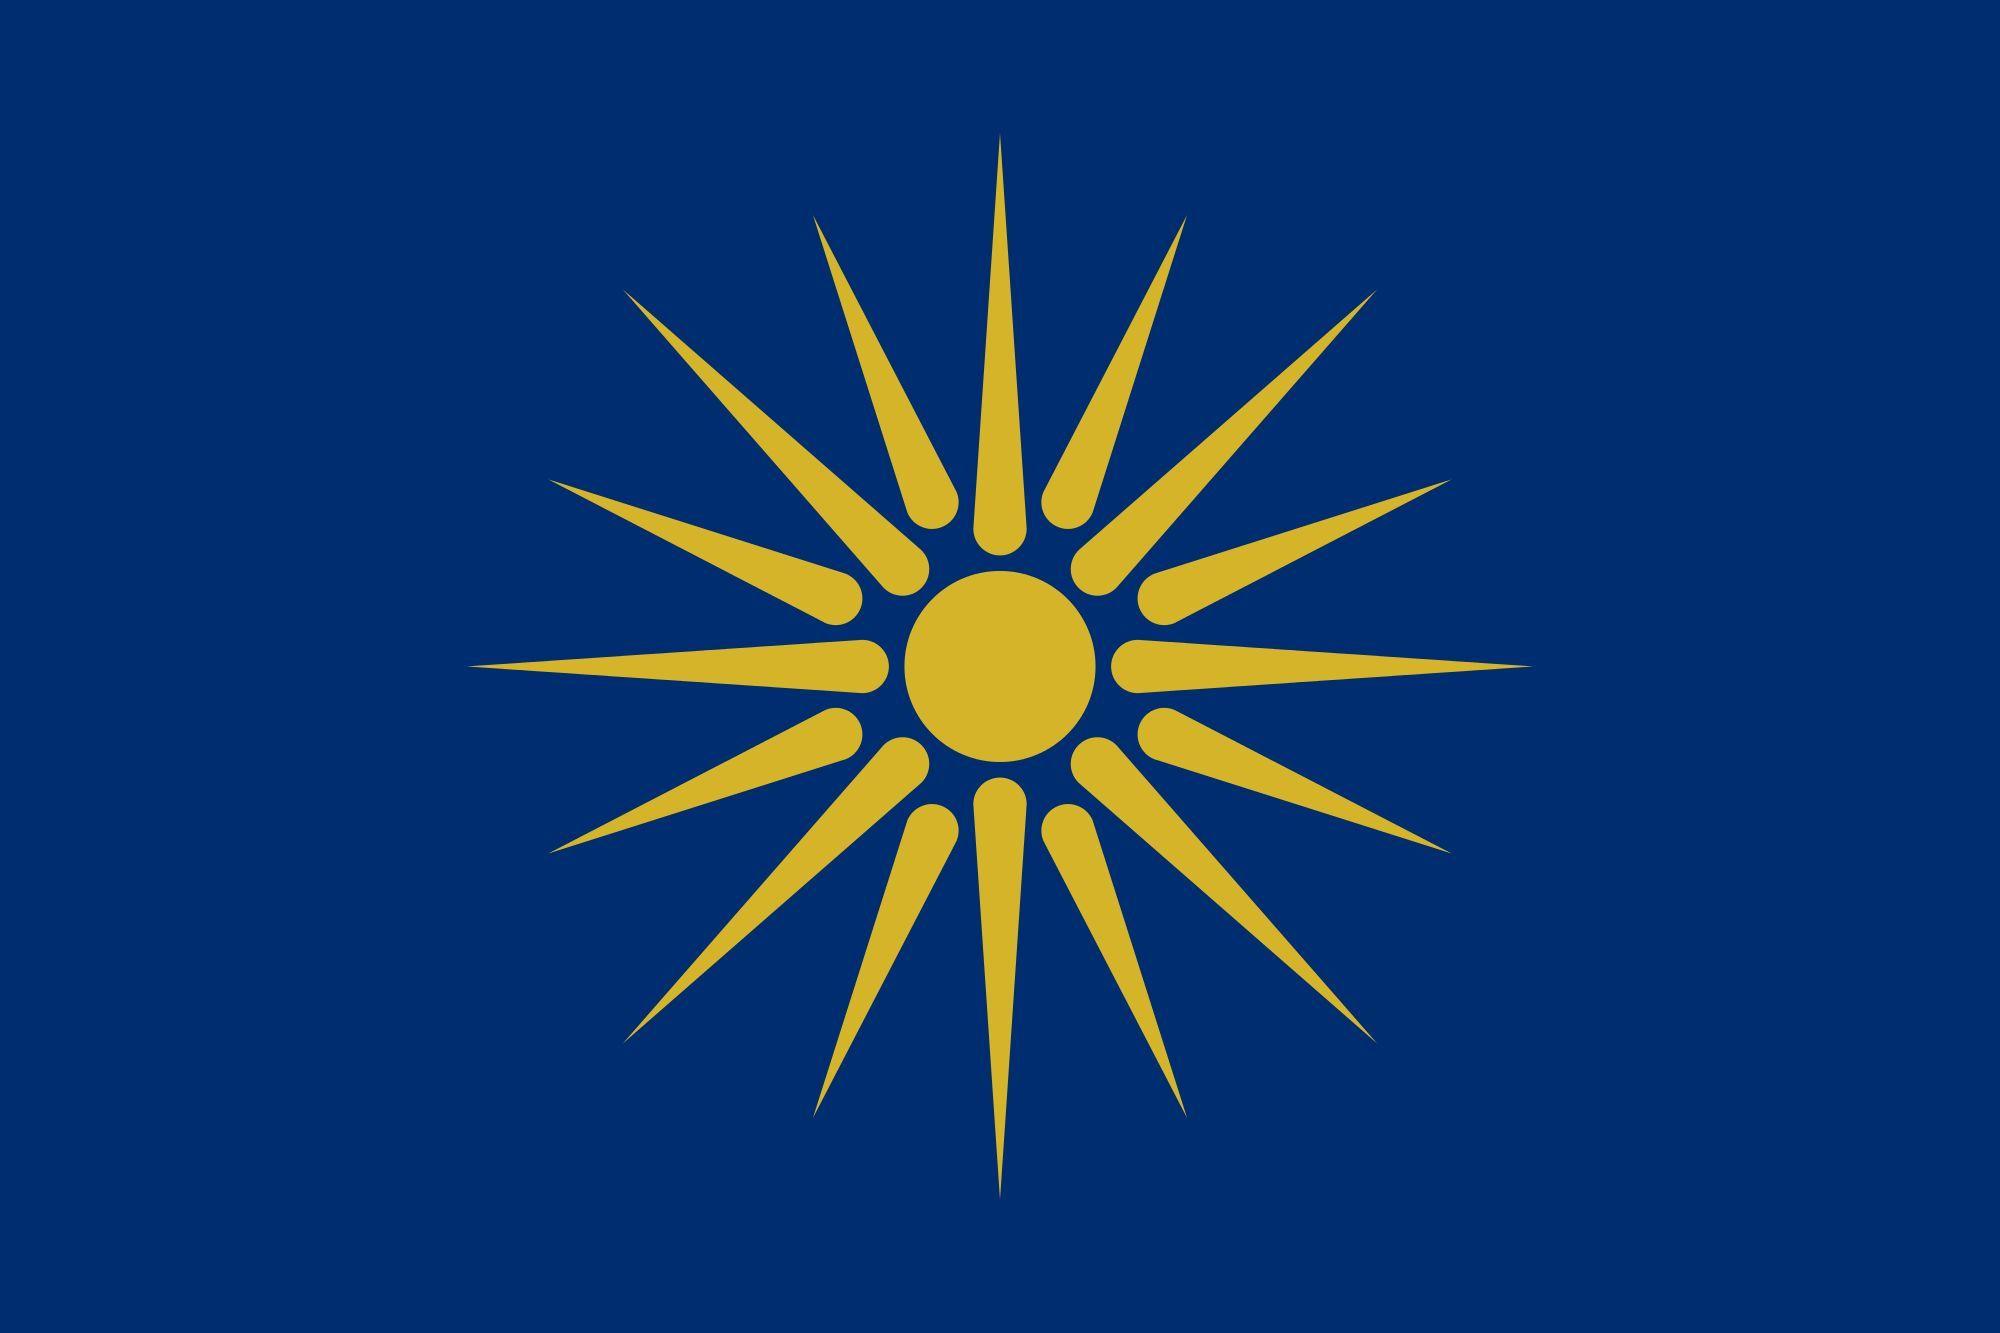 ¿Qué país tiene problemas internacionales con su nombre y tuvo también problemas con su antigua bandera?